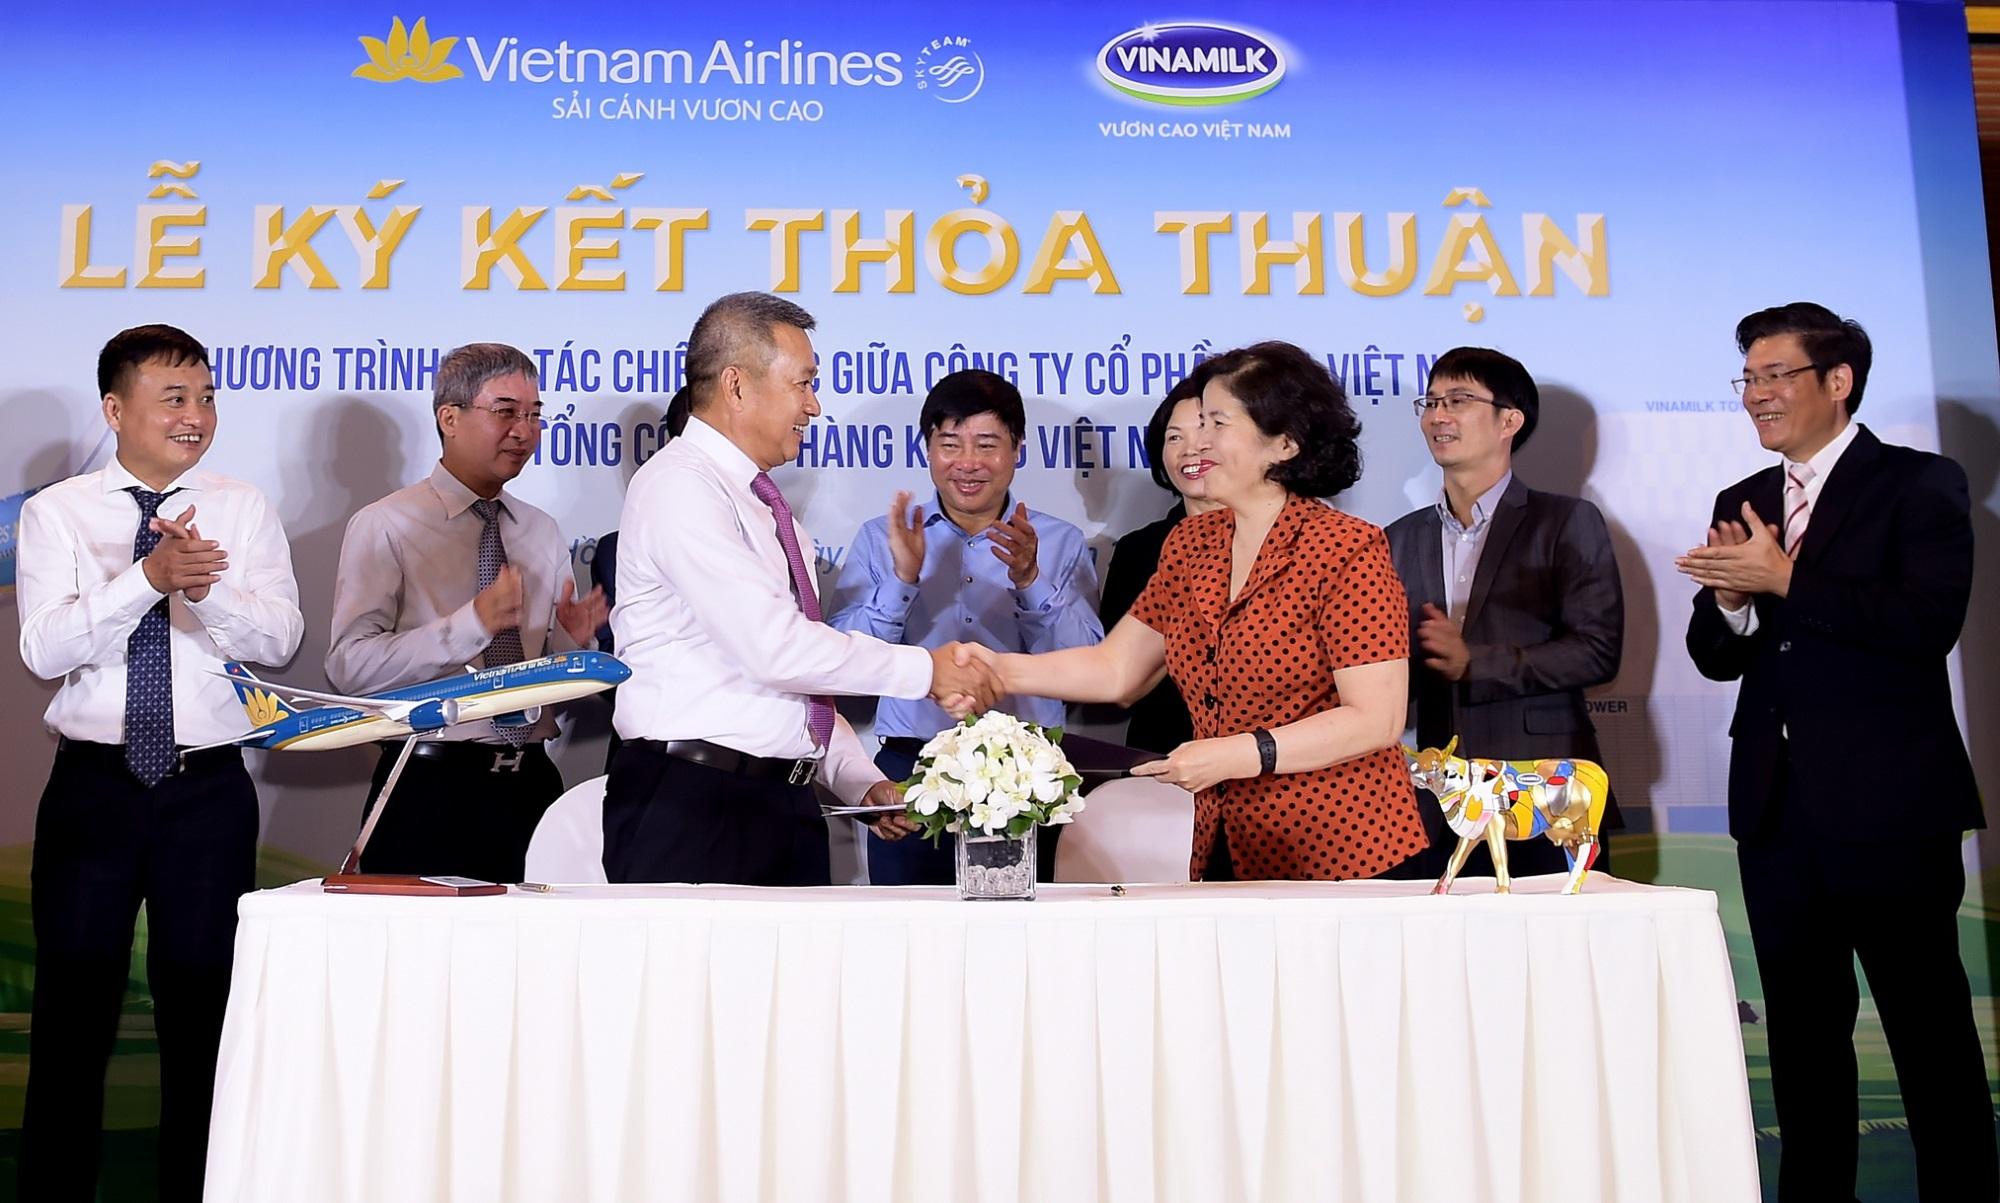 Vietnam Airlines và Vinamilk hợp tác chiến lược cùng phát triển thương hiệu vươn tầm quốc tế - Ảnh 4